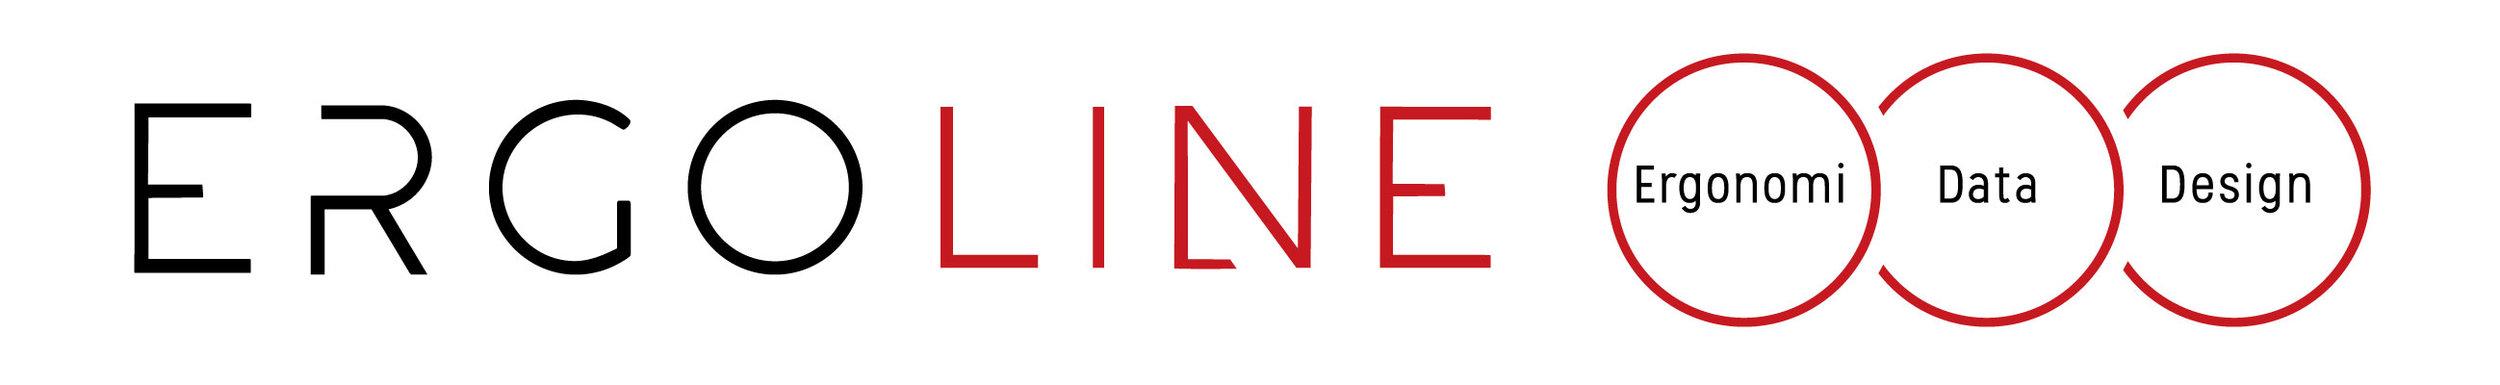 Ergoline-Logo.jpg